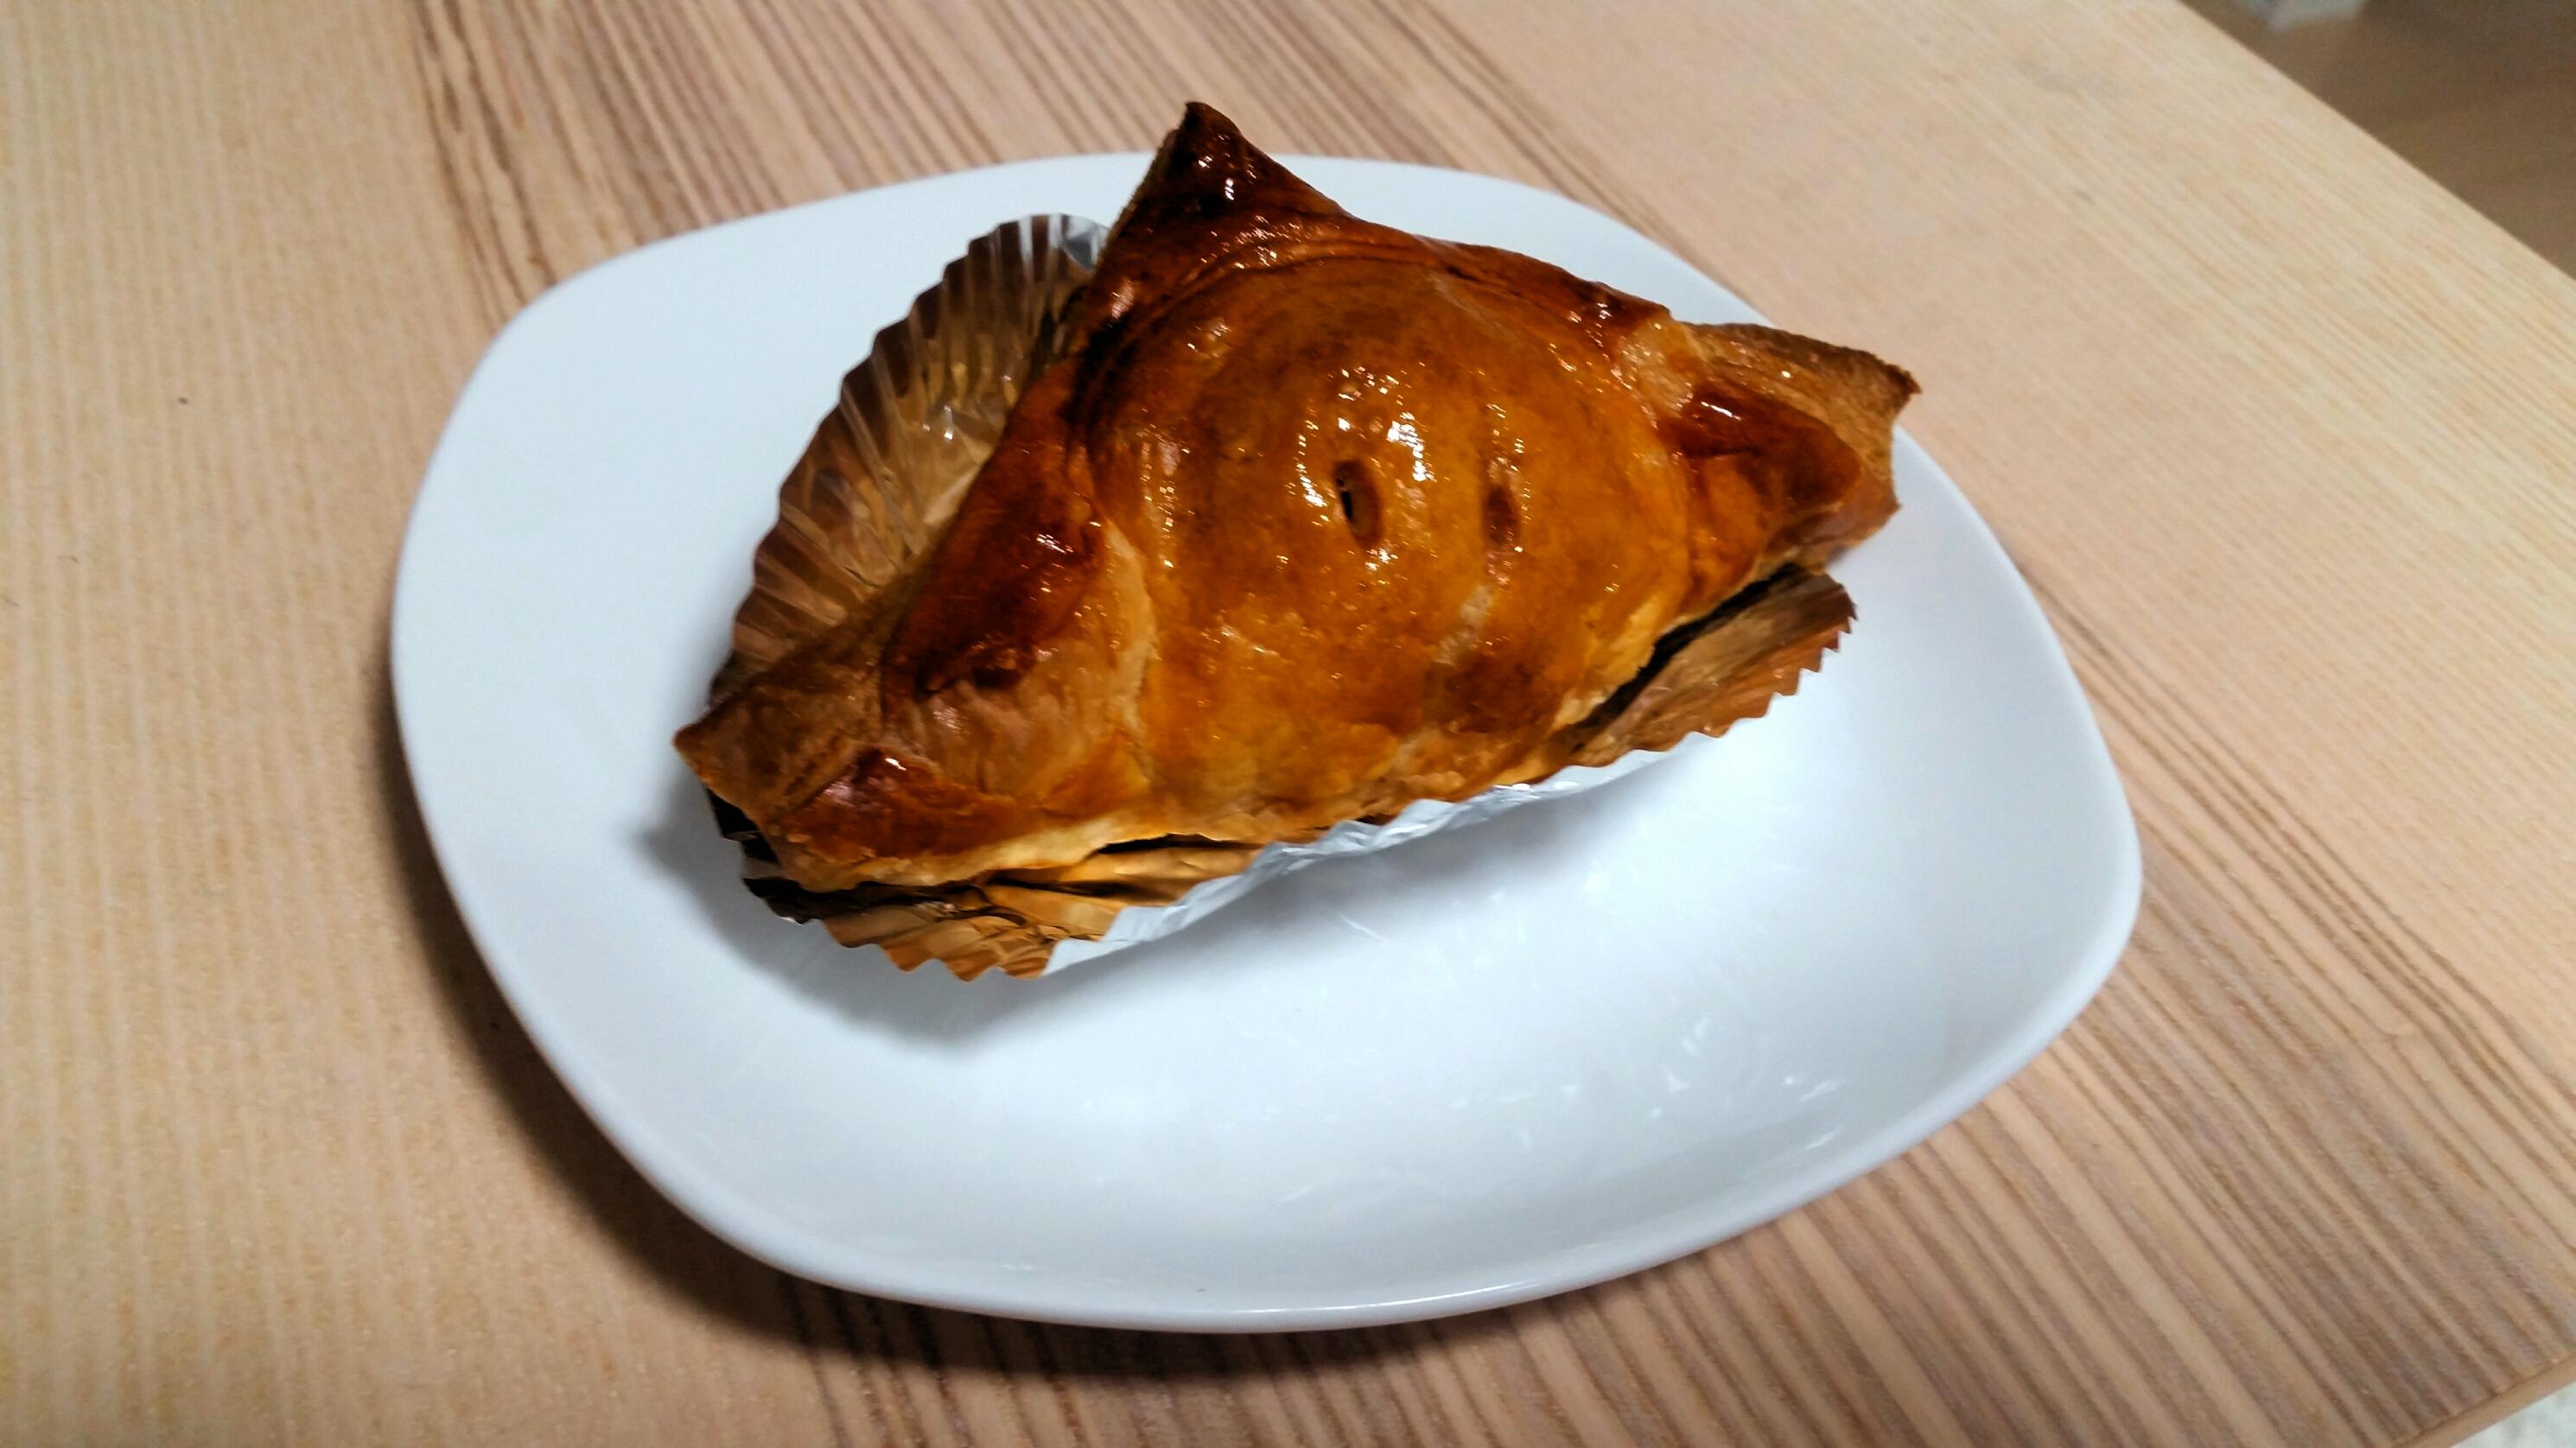 りんごの街で愛され続けるアップルパイ!!『ジャルダン洋菓子店』